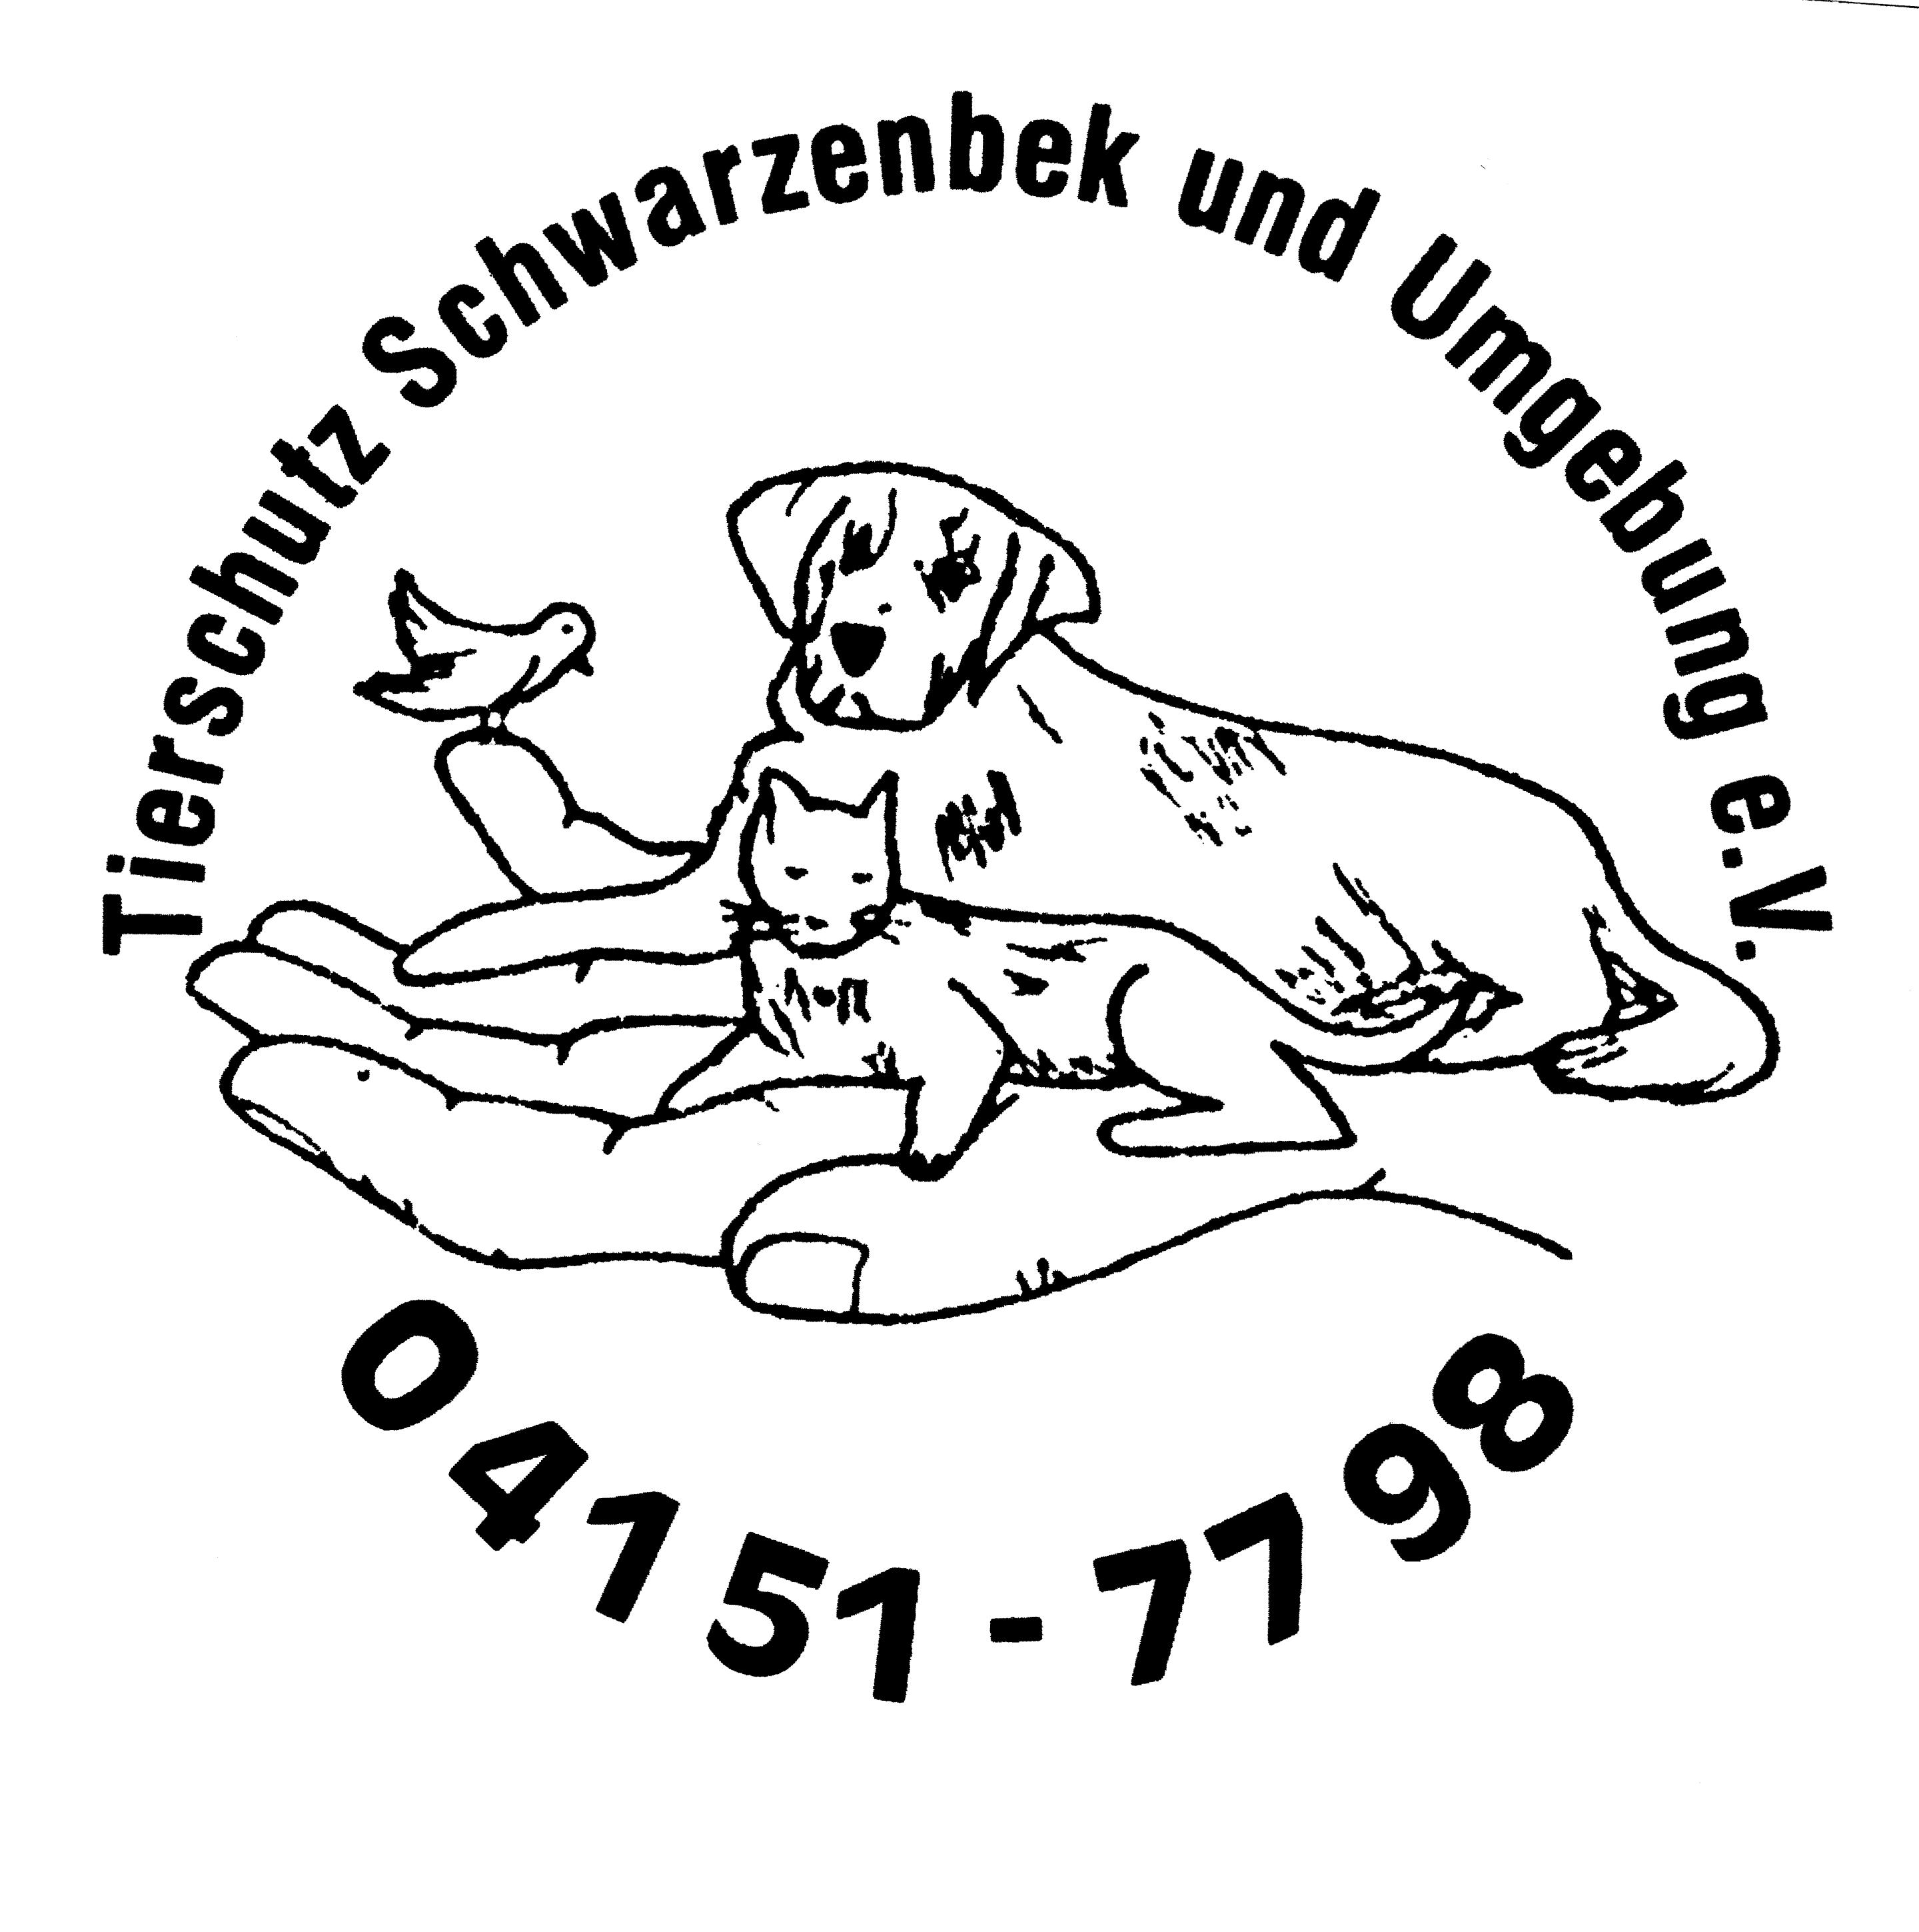 Tierschutz Schwarzenbek und Umgebung e.V.